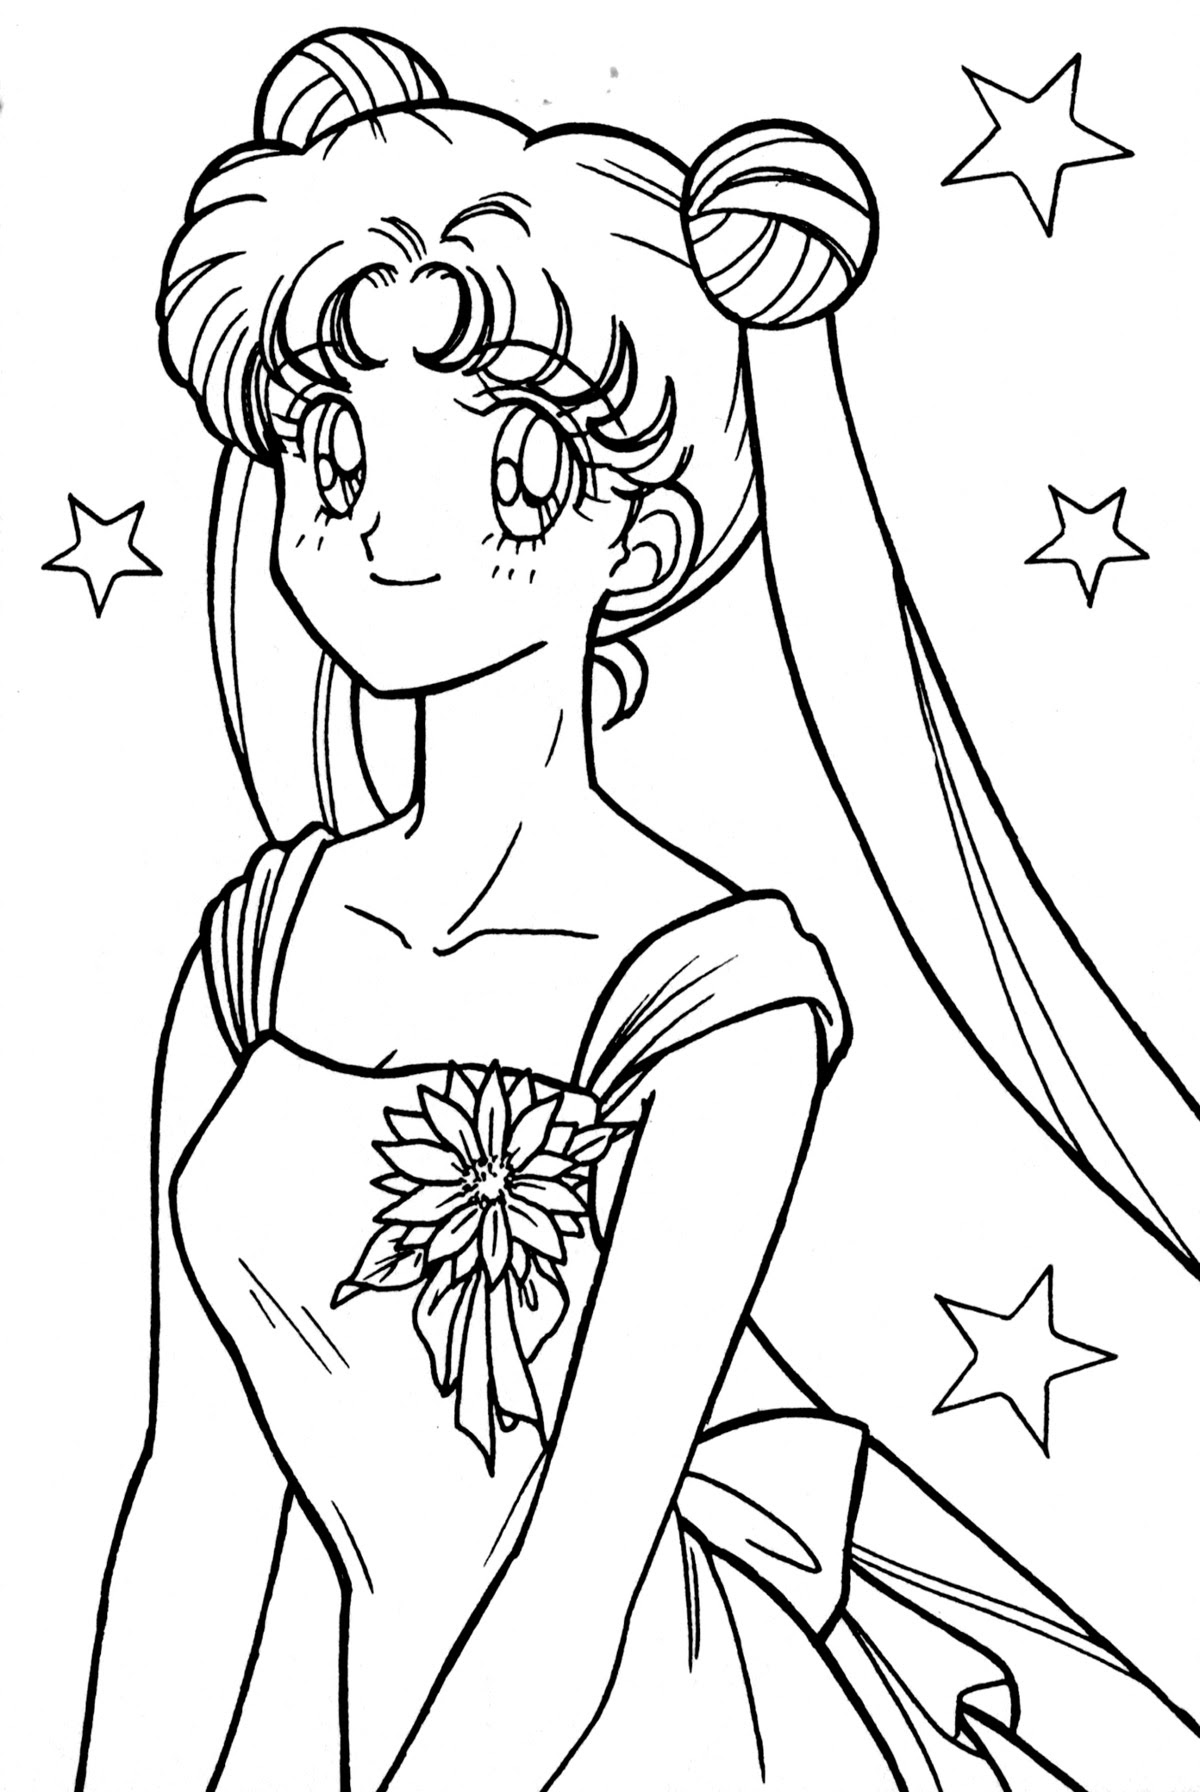 Coloriage de Usagi Tsukino Sailor Moon